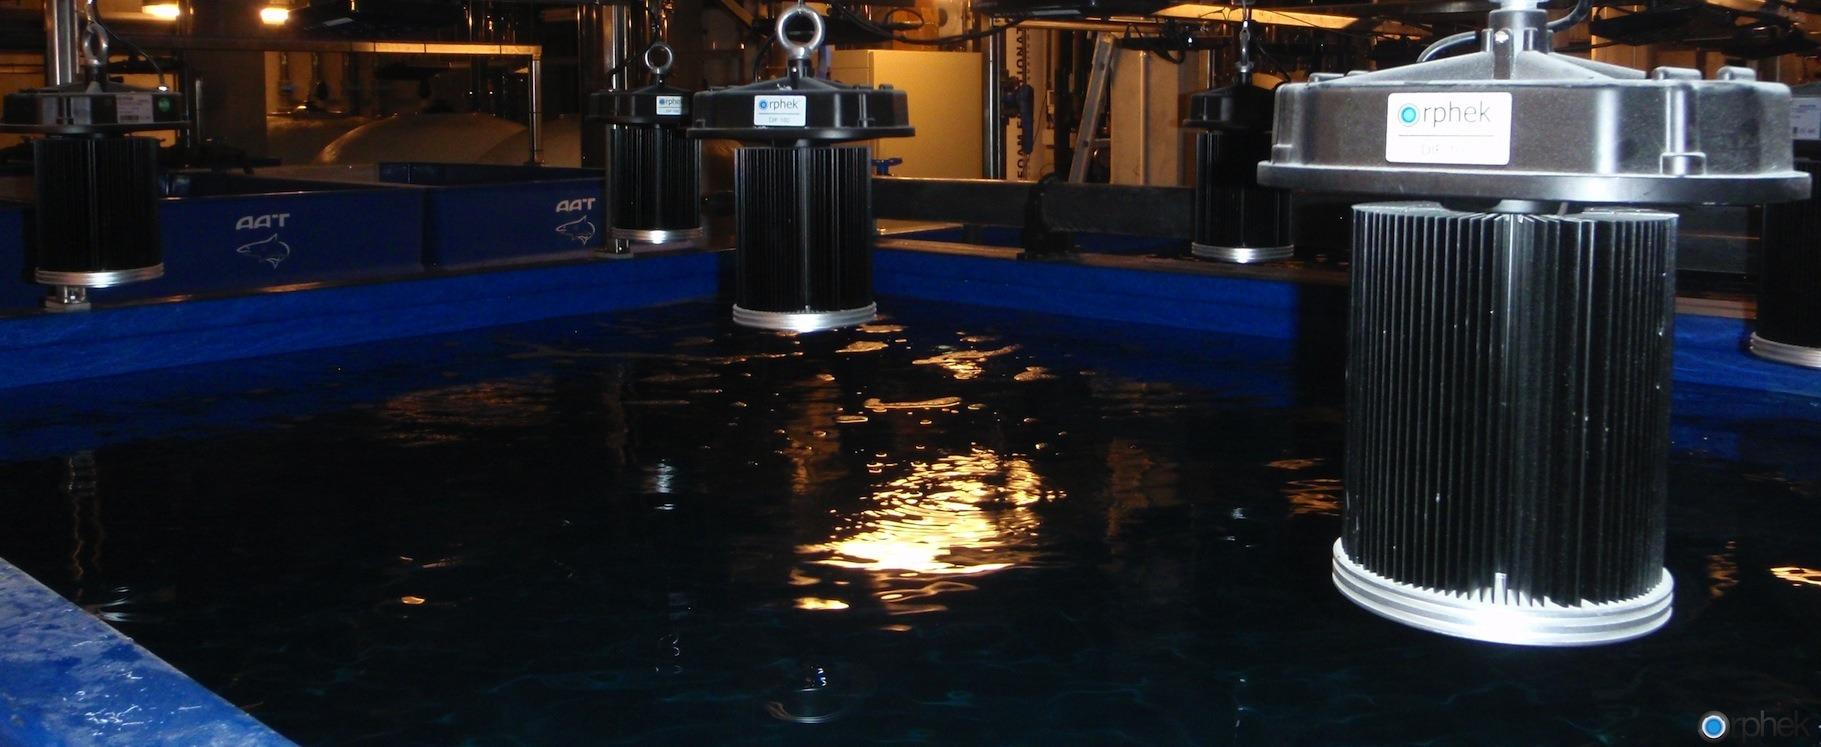 aquarium-led-lighting-public-aquarium-copenhagen.jpg